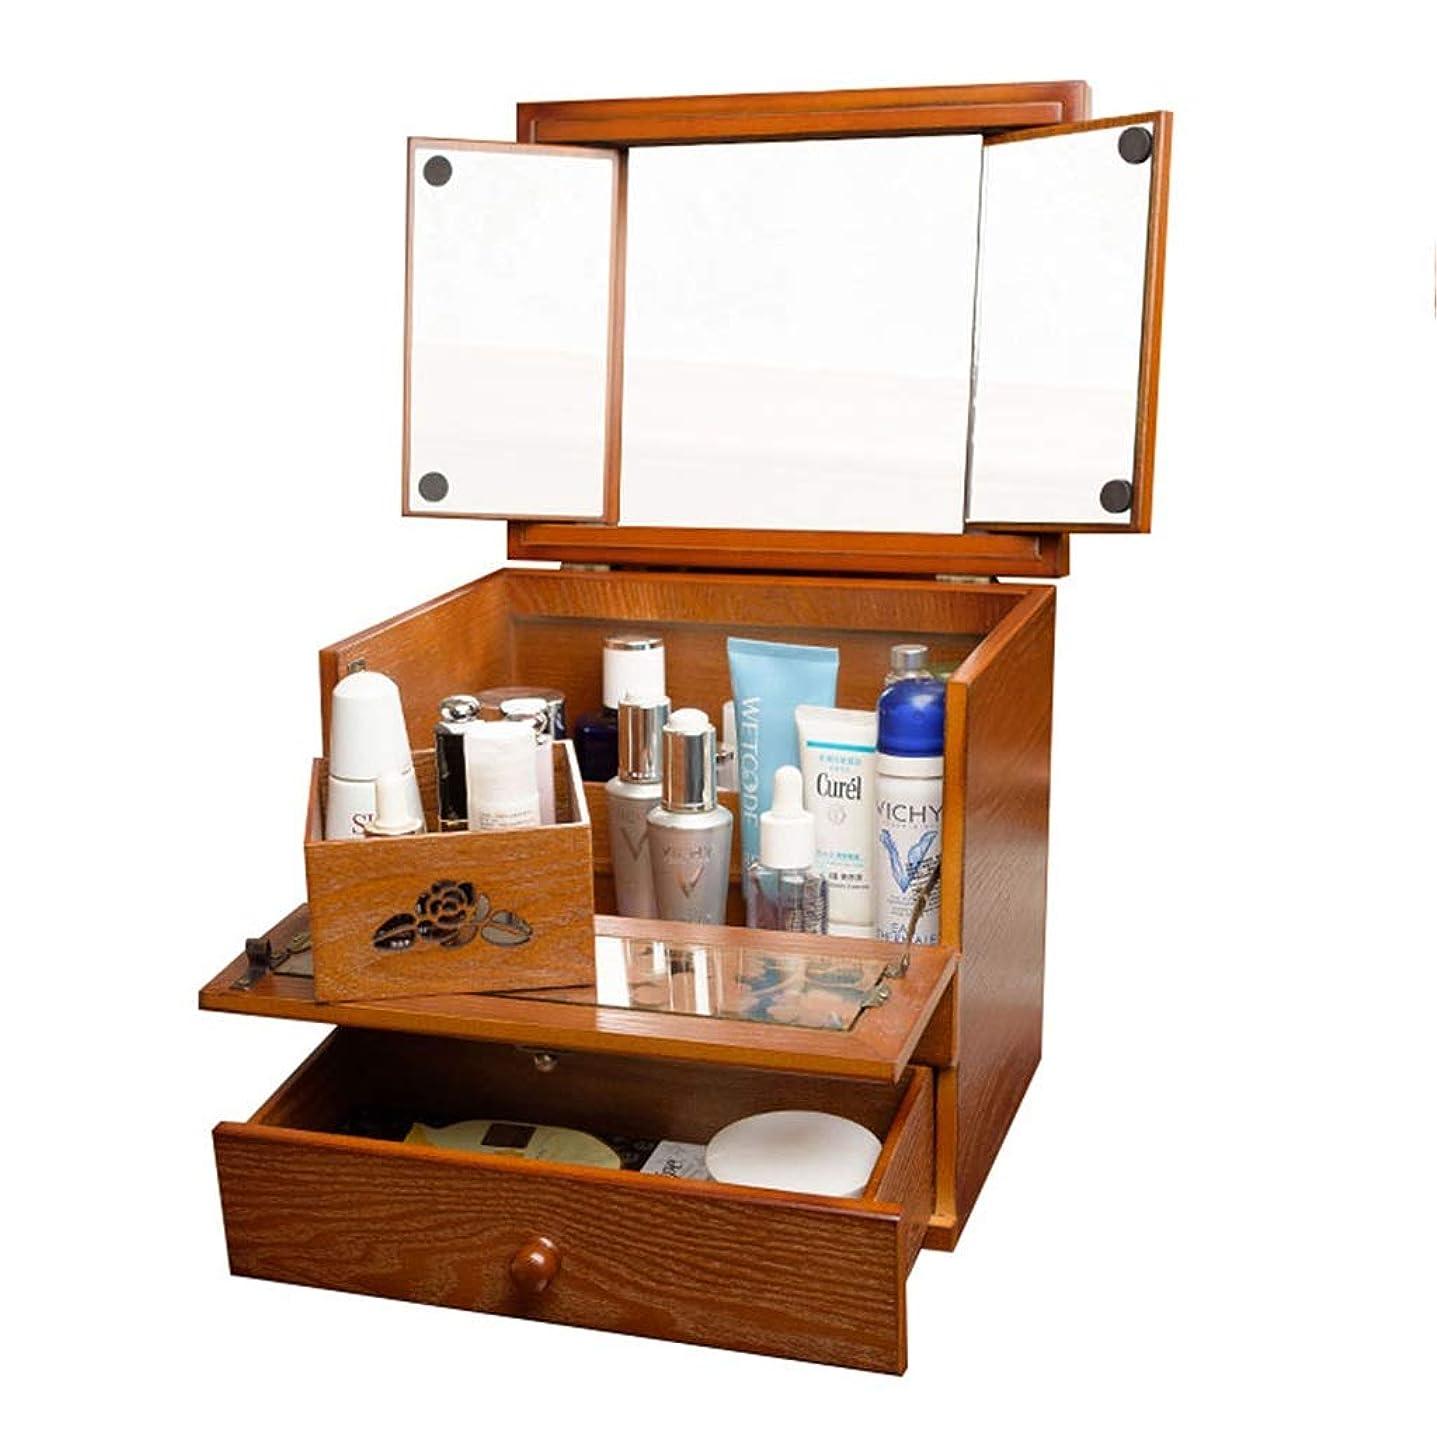 ジャンピングジャック回想リスクメイクボックス 家庭化粧品収納ボックス木製大容量化粧箱鏡付きの小さなドレッシングテーブル (Color : Brown, Size : 27.5x22.5x32.5cm)